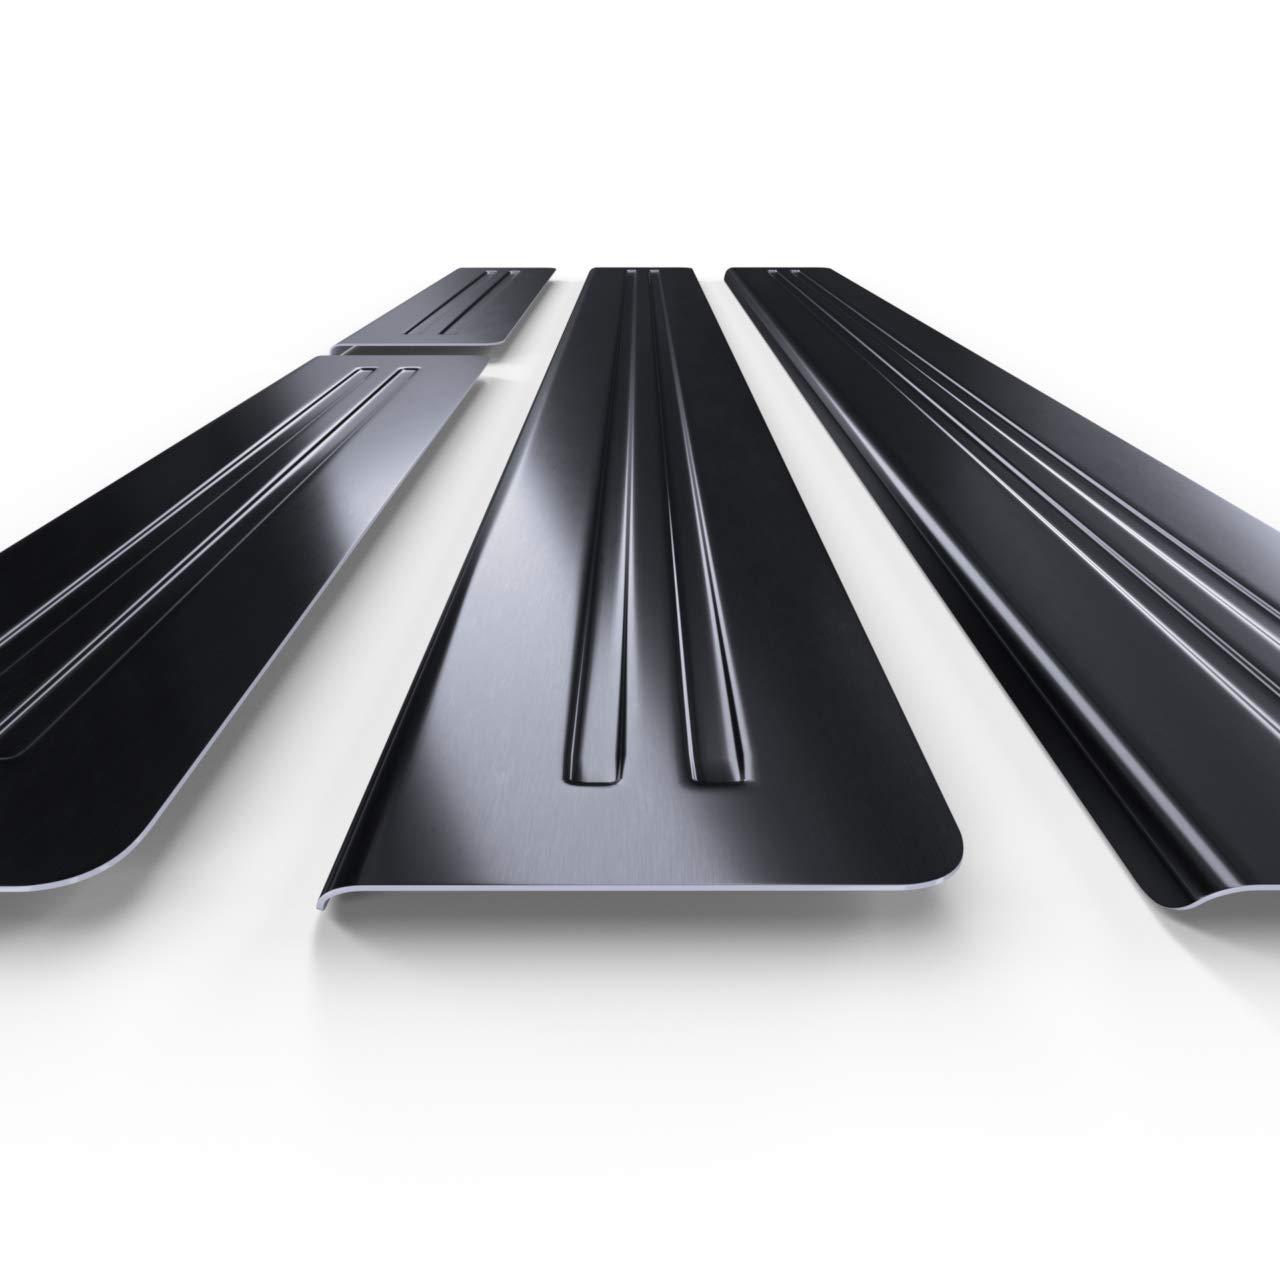 Protectores de acero para umbral de coche negro 5902538681810 kit de 4 piezas